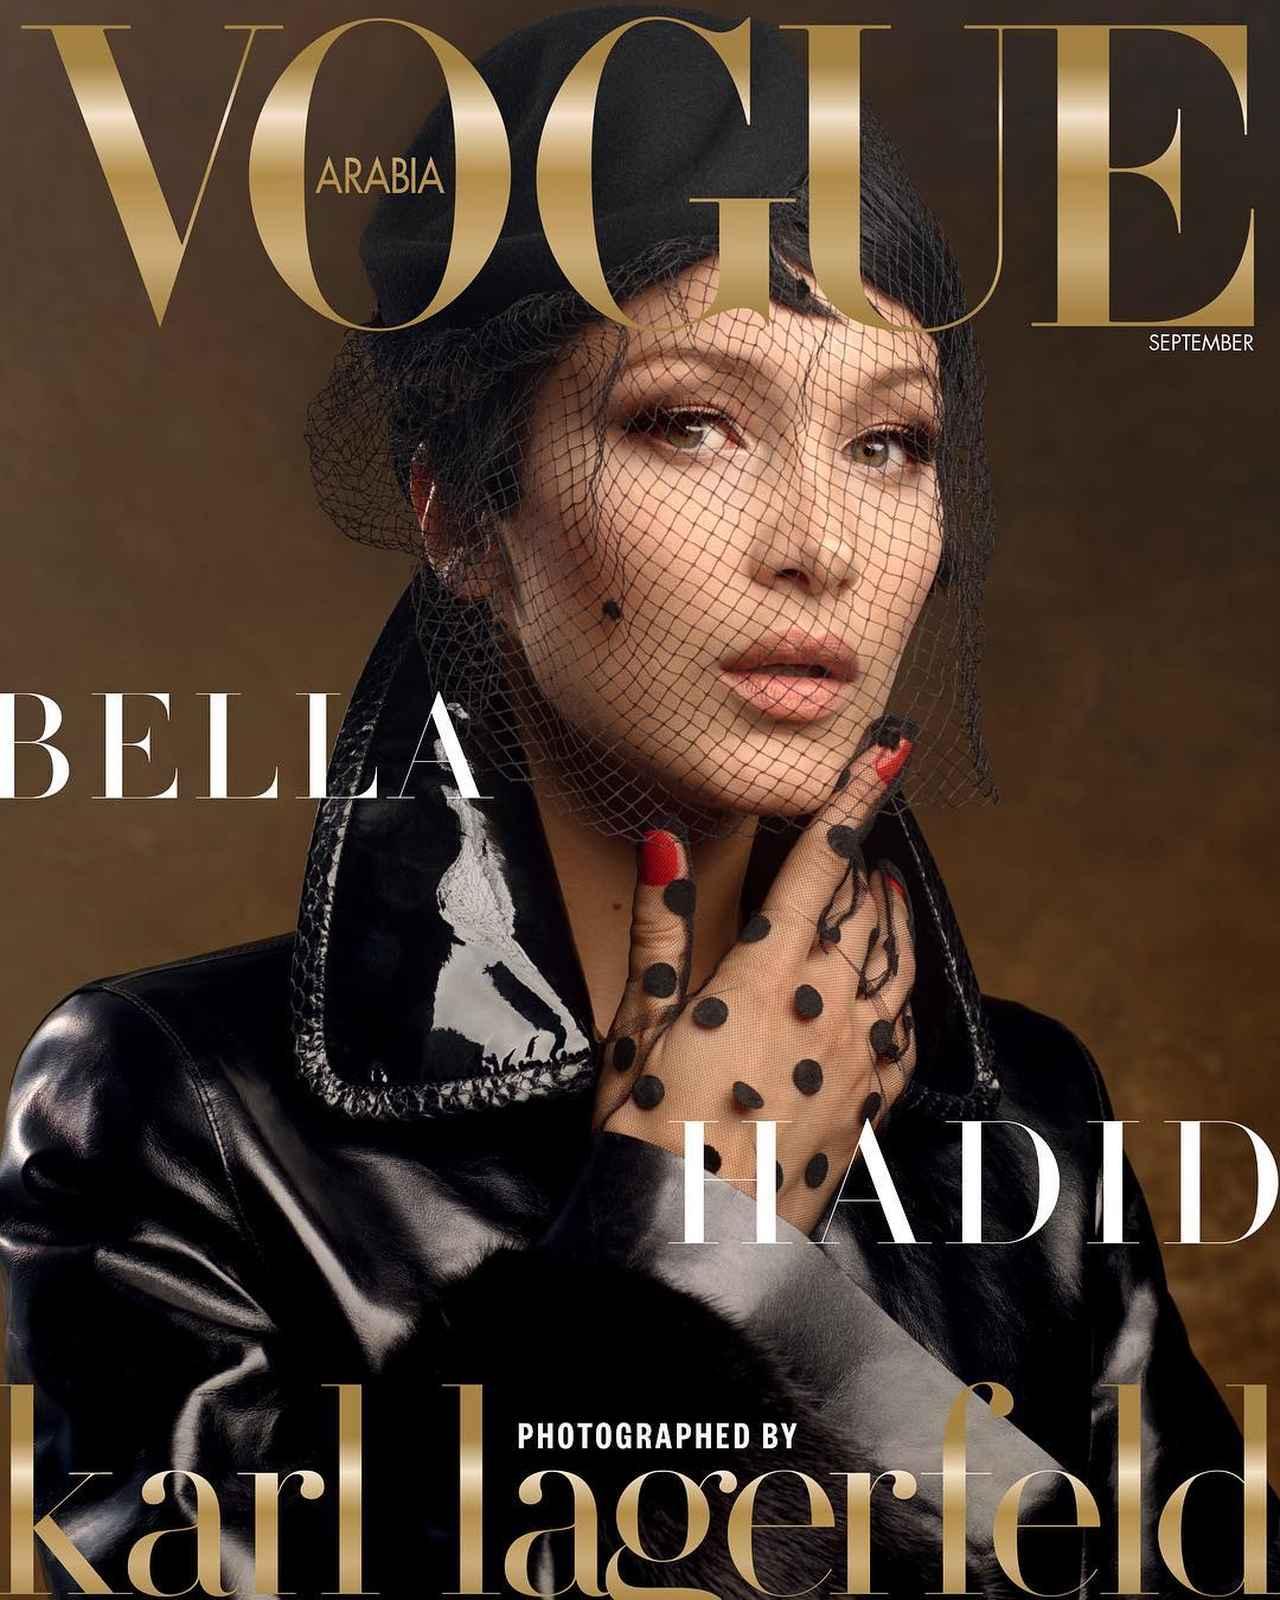 画像: Vogueアラビア